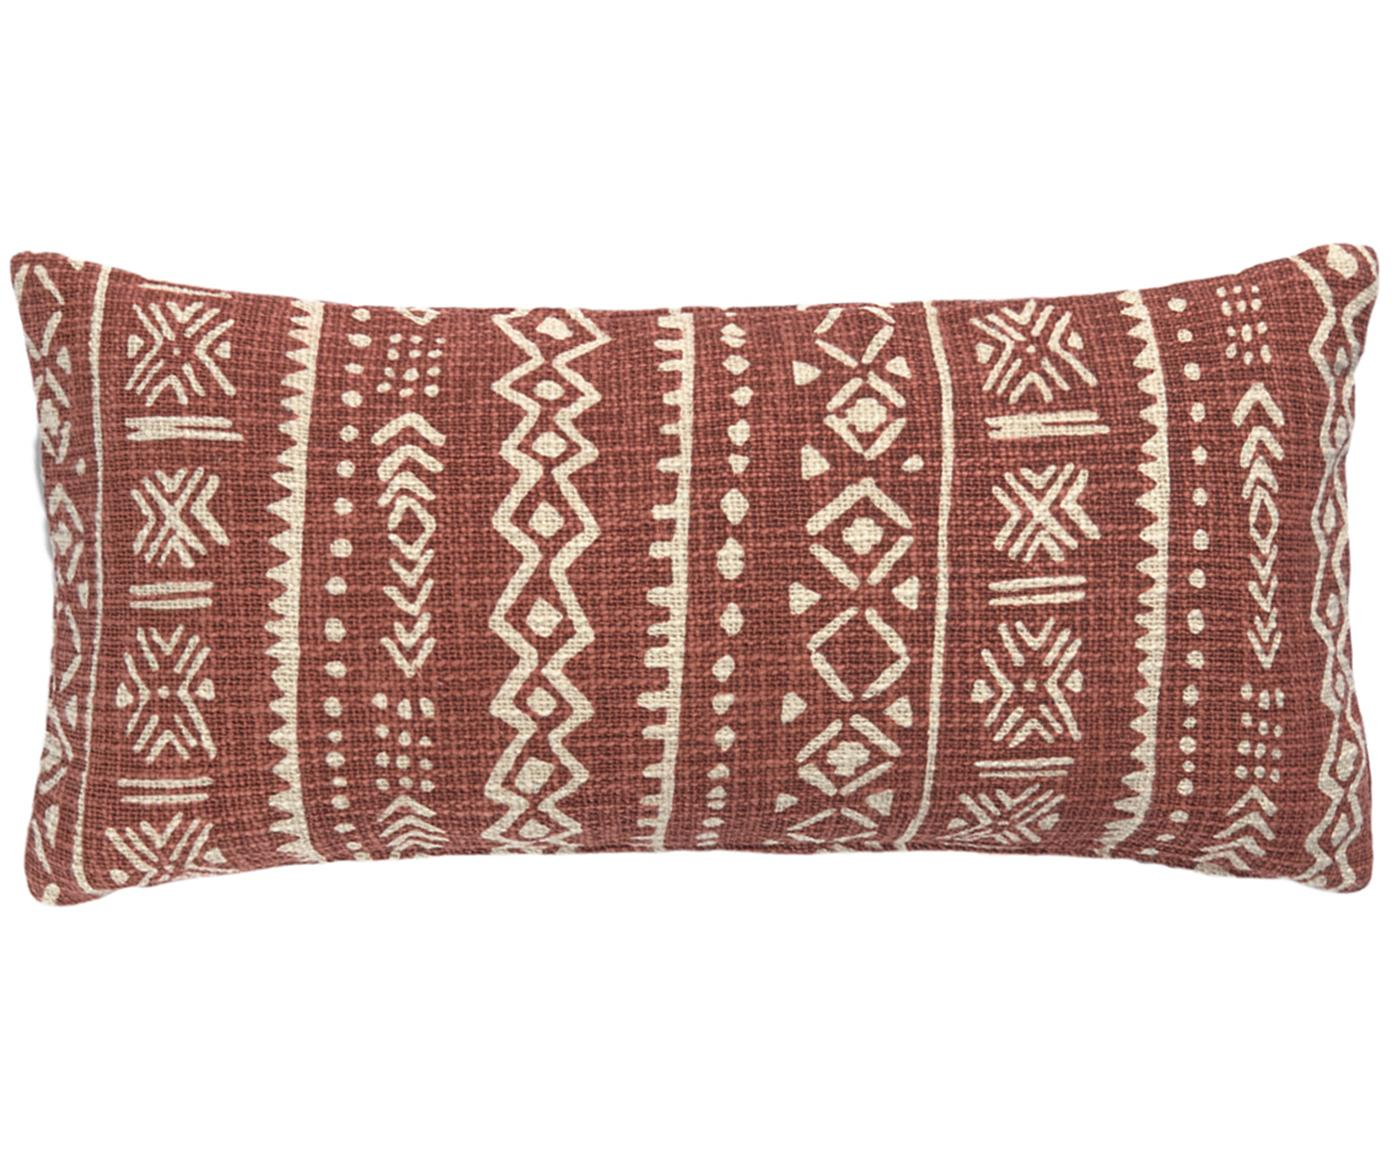 Kissenhülle Masai mit grafischem Muster, 100% Baumwolle, Gebrochenes Weiß, Braun, 30 x 60 cm